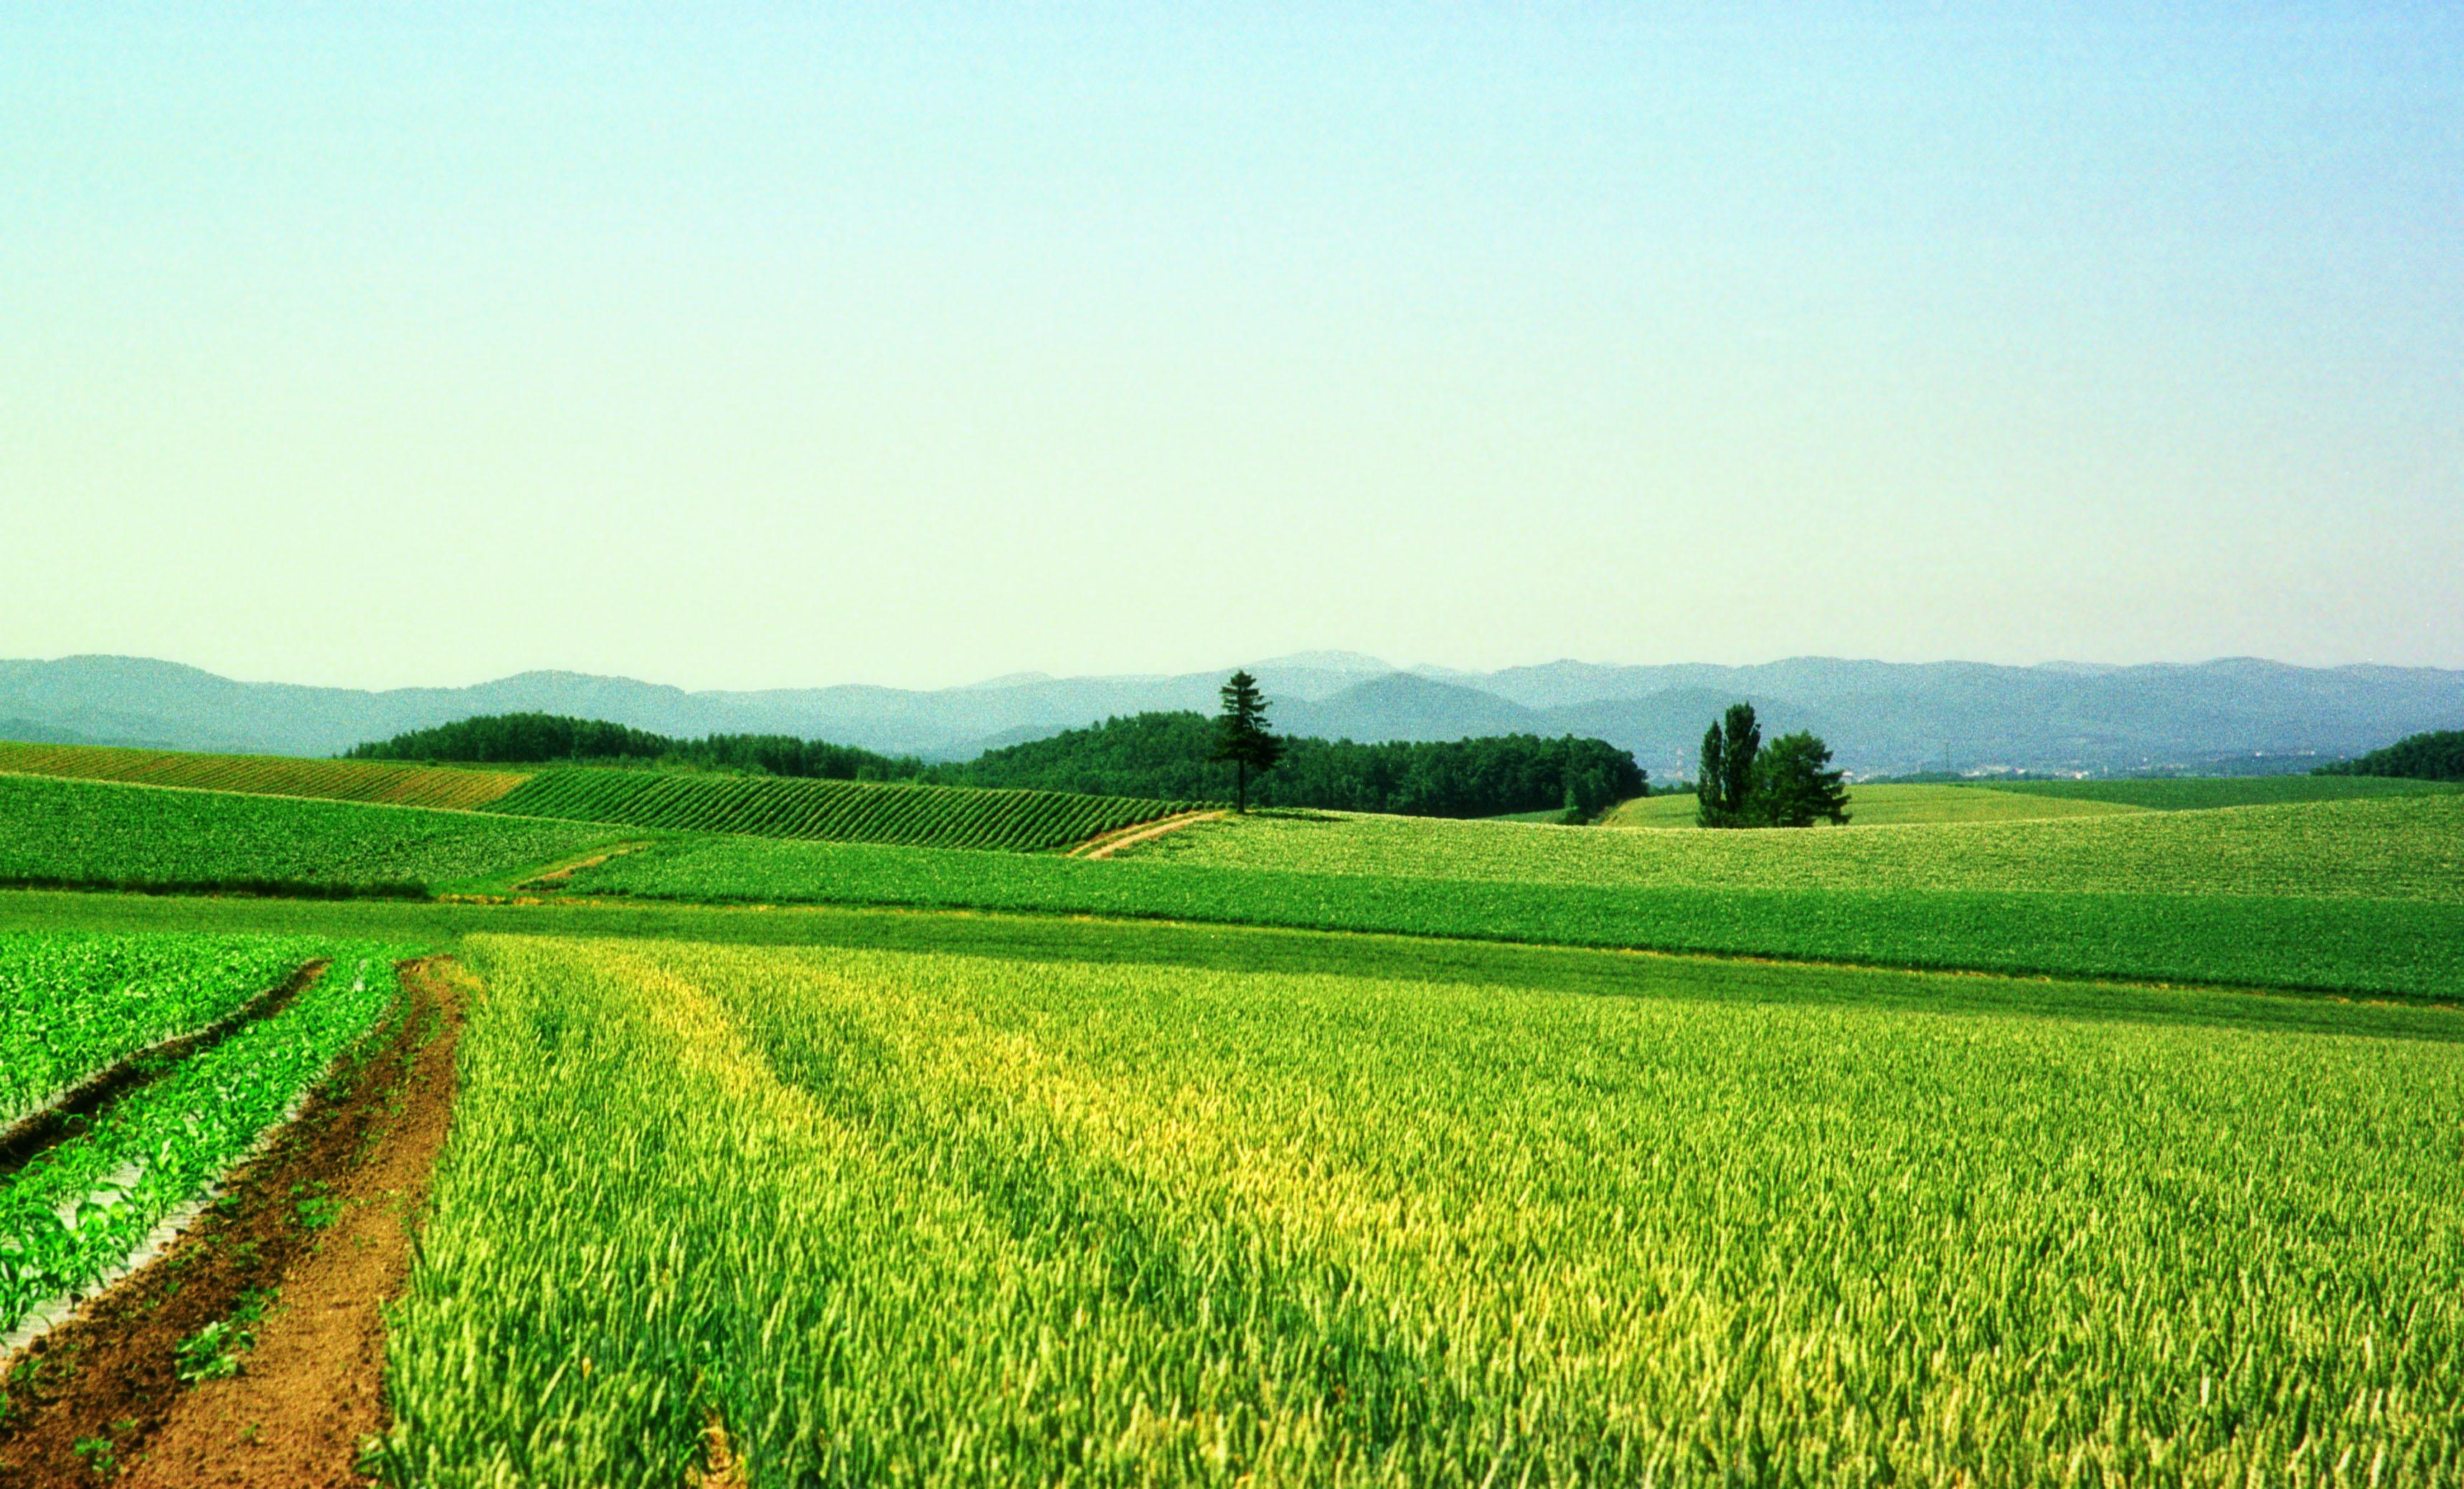 金荞麦提取物 中文名称:  金荞麦   英文名称:  Rhizoma Fagopyri Dibotryis(拉);golden buckwheat rhizome    定义:  蓼科植物金荞麦 Fagopyrum dibotrys(D.Don)Hara 的干燥根茎。   金荞麦为蓼科植物,别名苦荞麦、野桥荞麦、天荞麦。其性凉,味辛、苦,有清热解毒、活血化瘀、健脾利湿的作用。主产于陕西、江苏、浙江、湖北、湖南等省,华东一带也可栽培